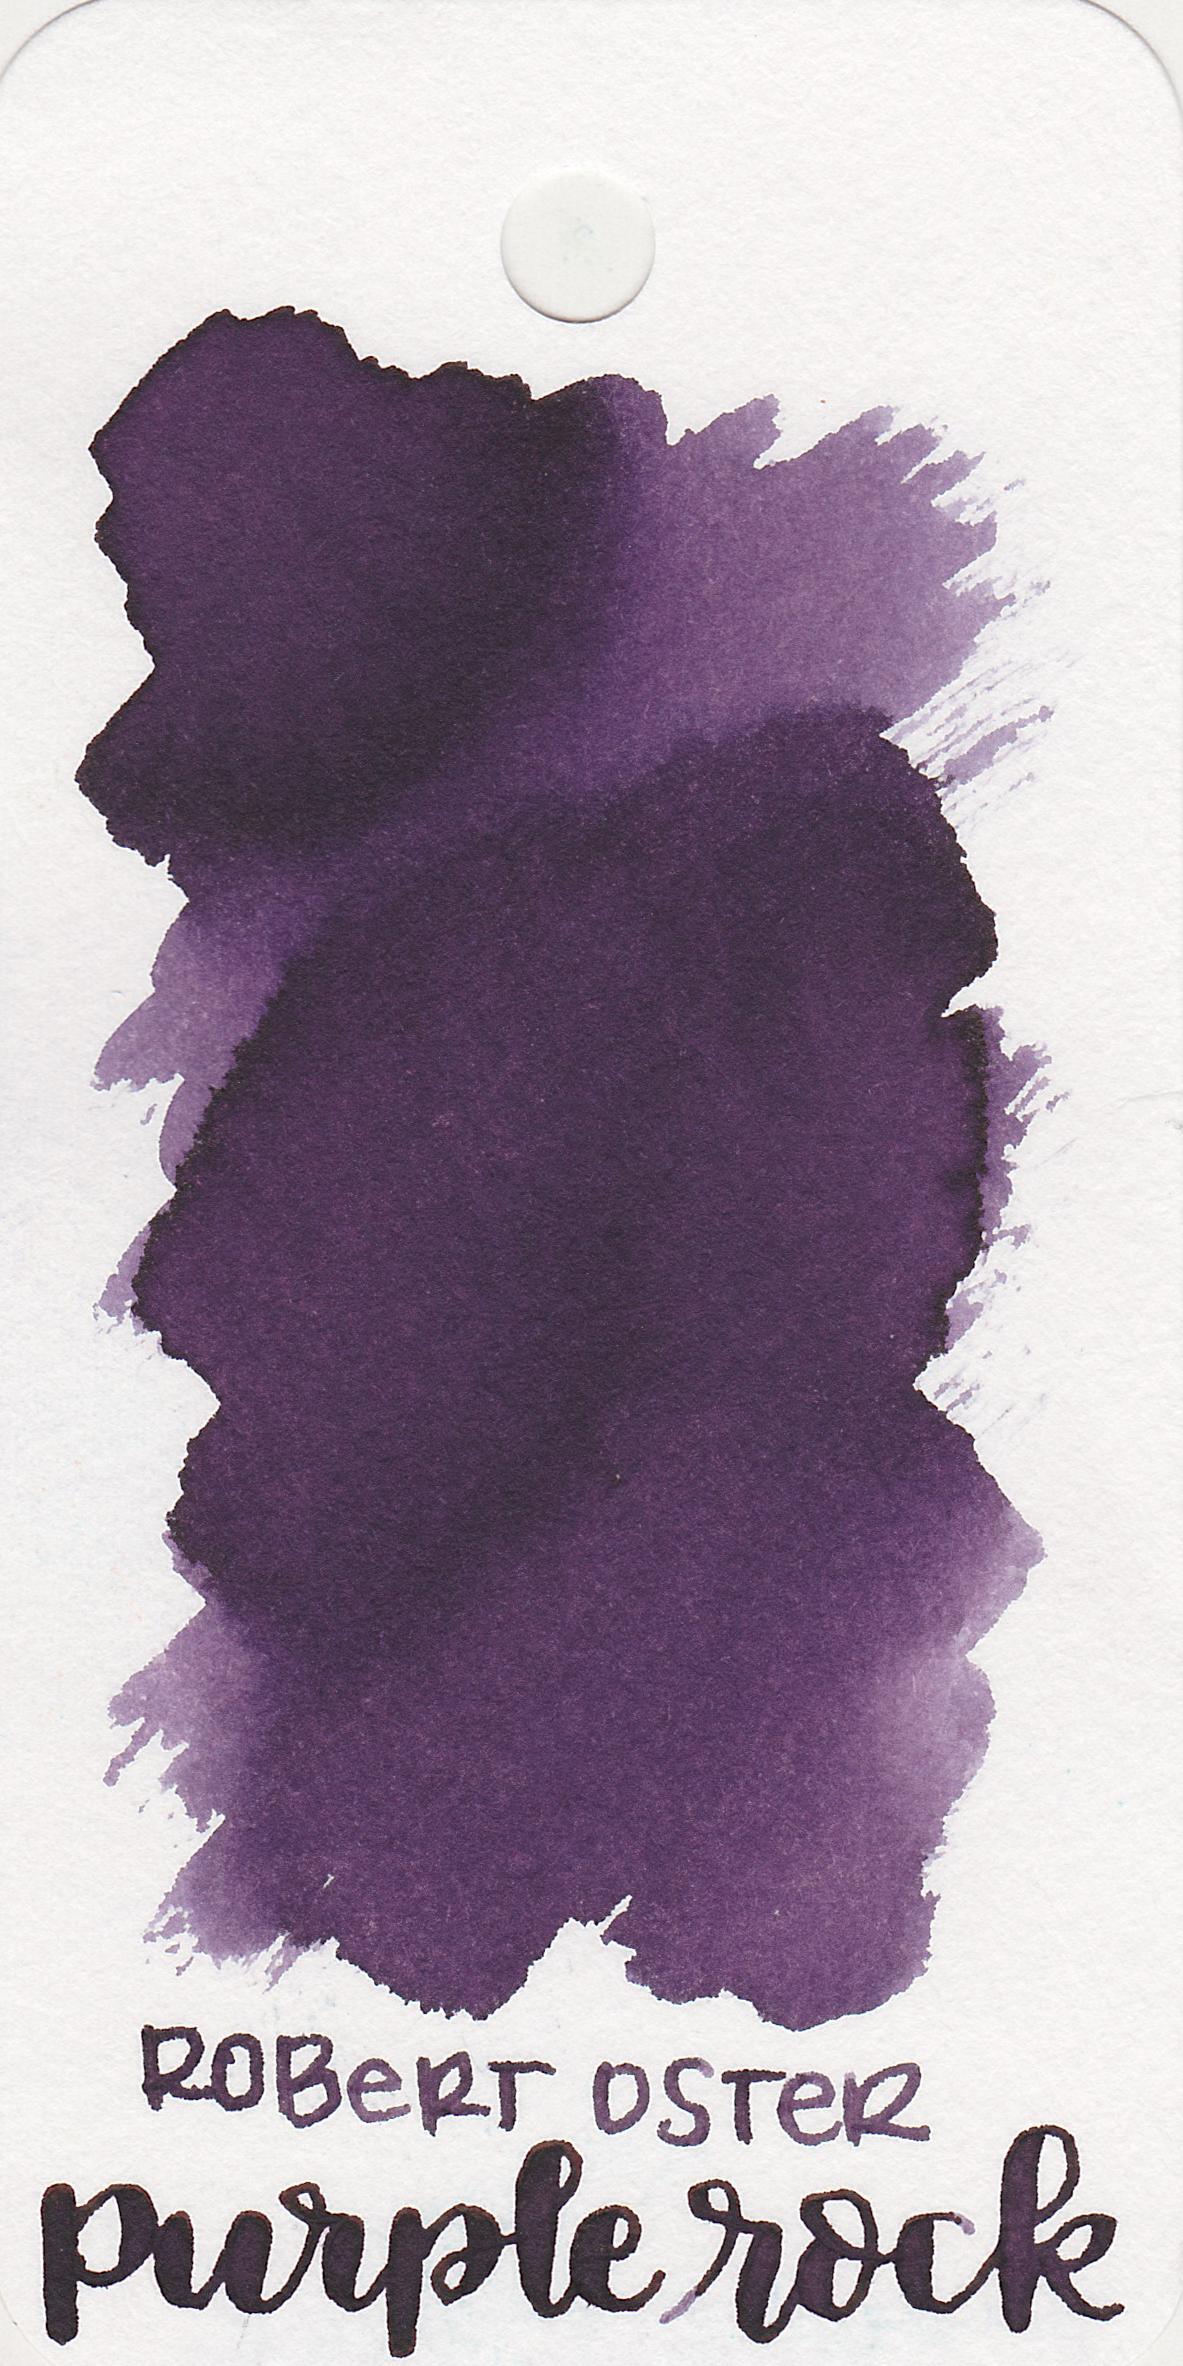 ro-purple-rock-1.jpg